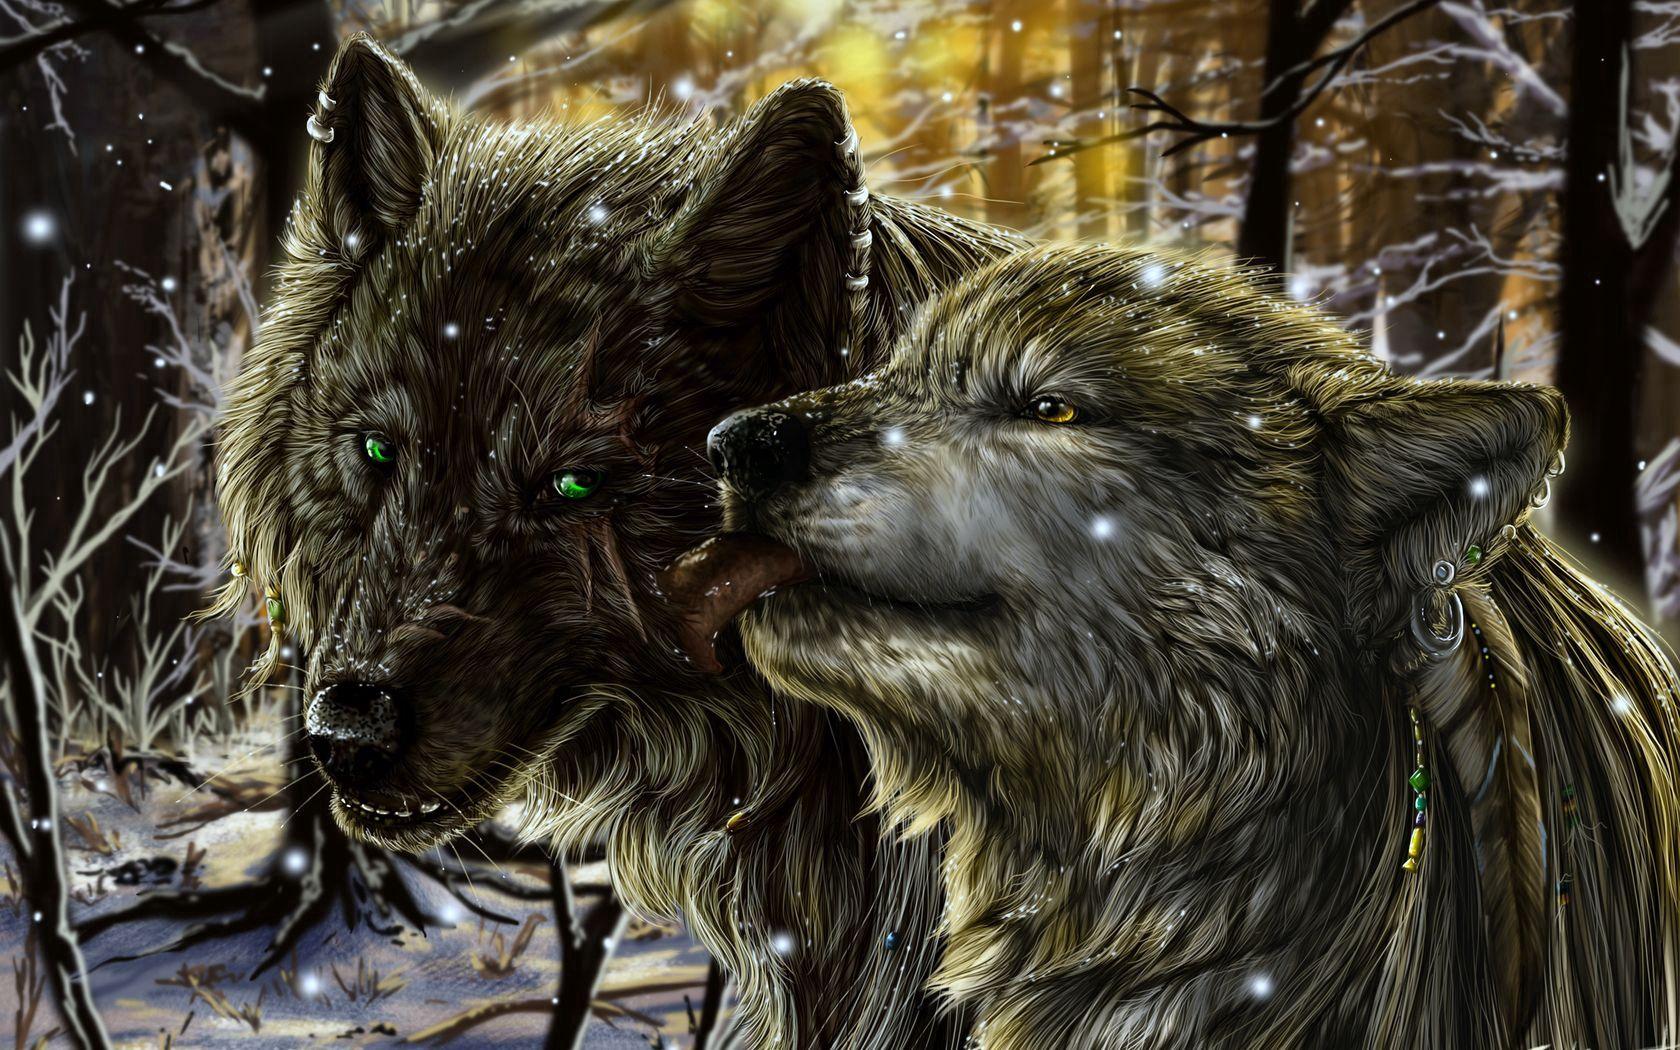 124347 Hintergrundbild herunterladen Wölfe, Fantasie, Schnee, Liebe, Paar, Zärtlichkeit, Sprache, Zunge - Bildschirmschoner und Bilder kostenlos